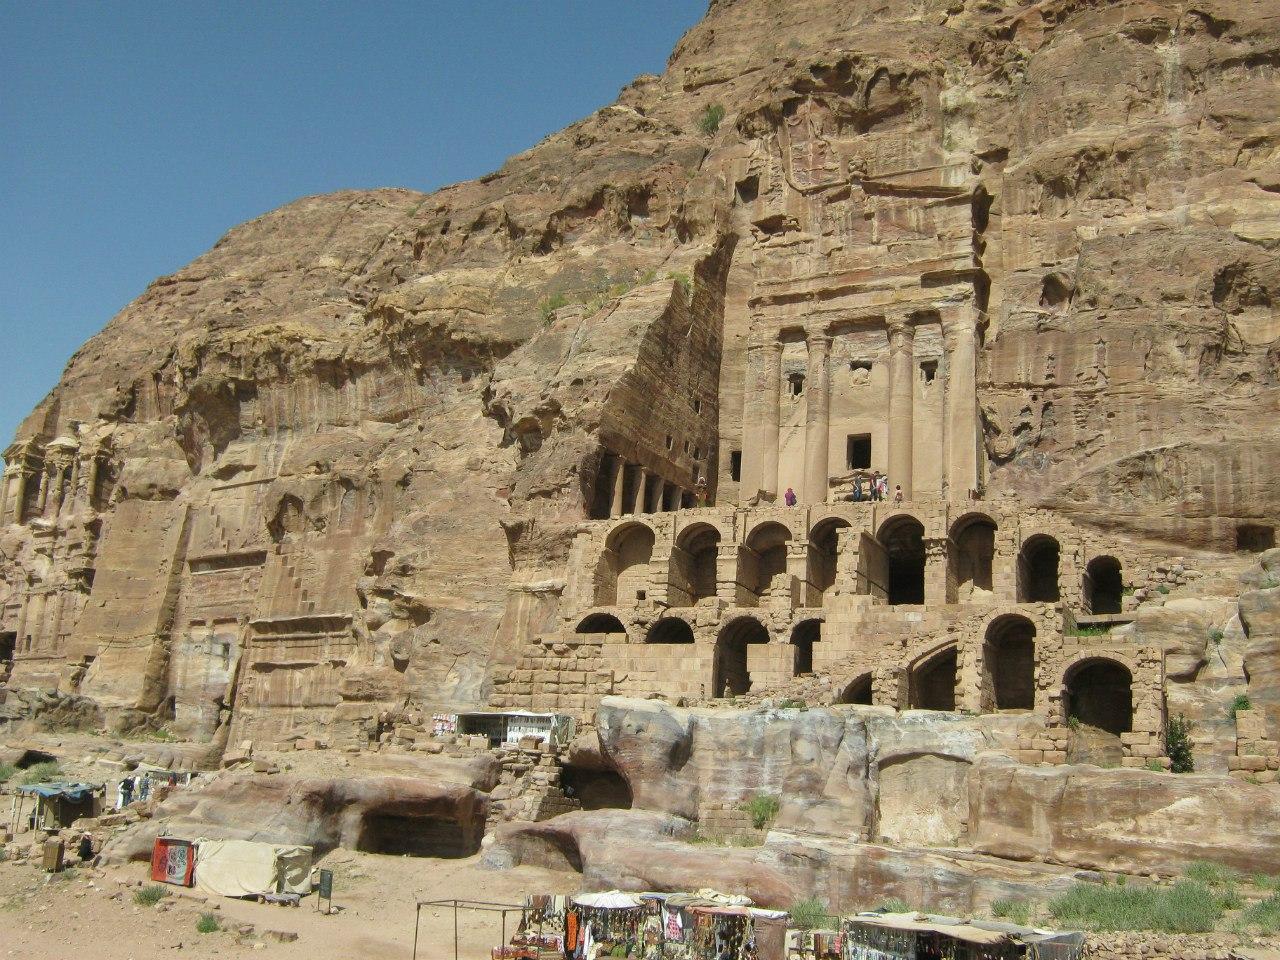 скопление гробниц в древнем городе Петре